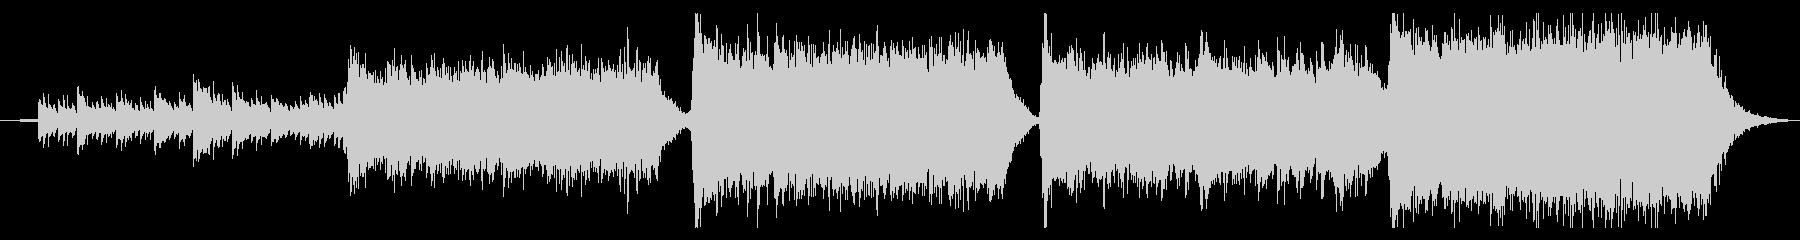 弦楽器、金管楽器、ピアノ、パーカッションの未再生の波形